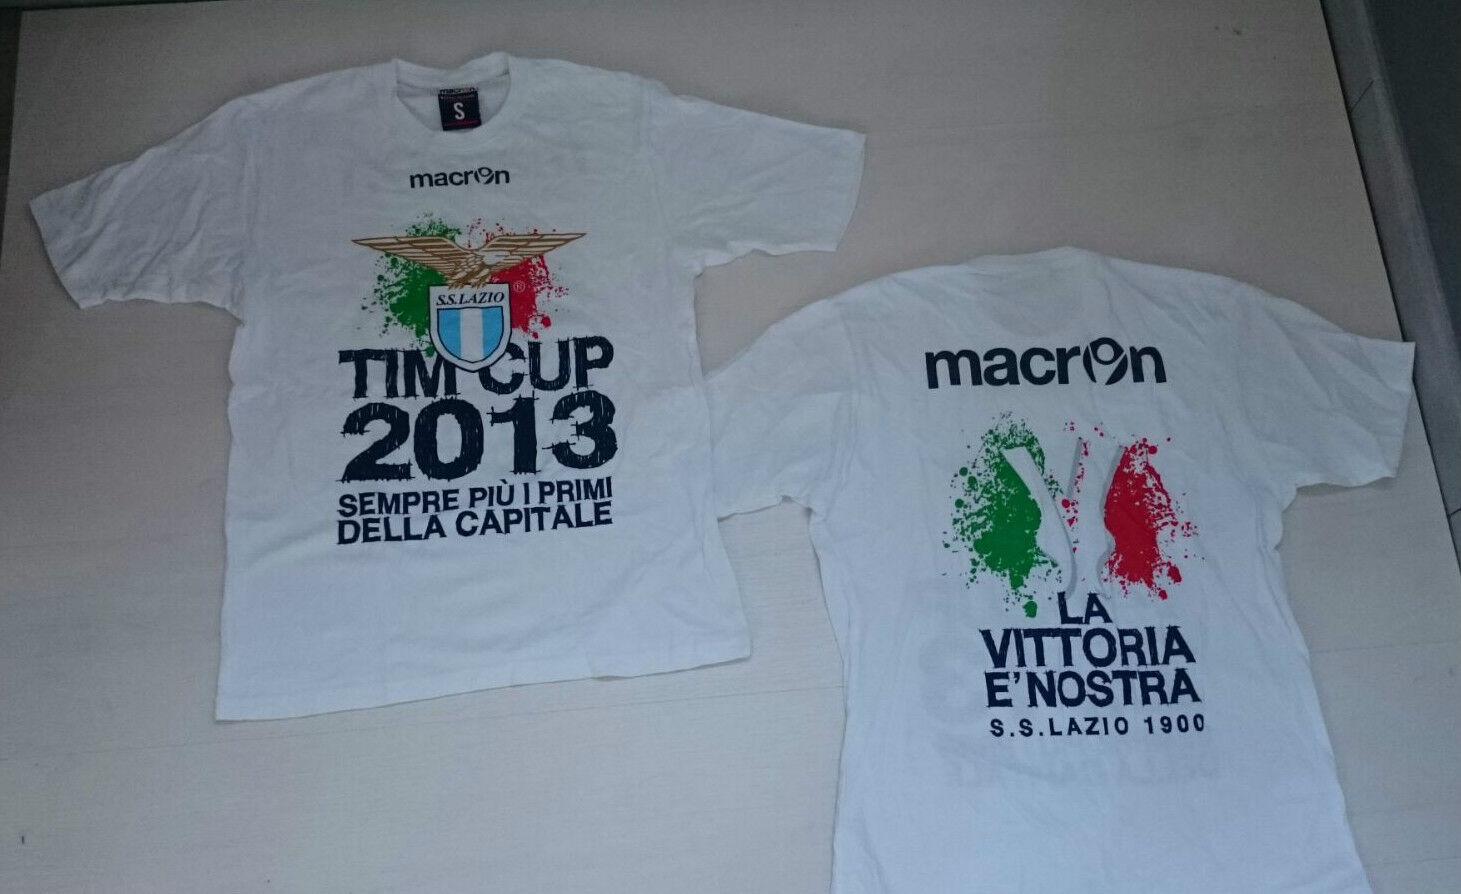 2508 LAZIO MACRON MAGLIA MAGLIETTA V COPPA ITALIA 2013 T-SHIRT TIM CUP  30